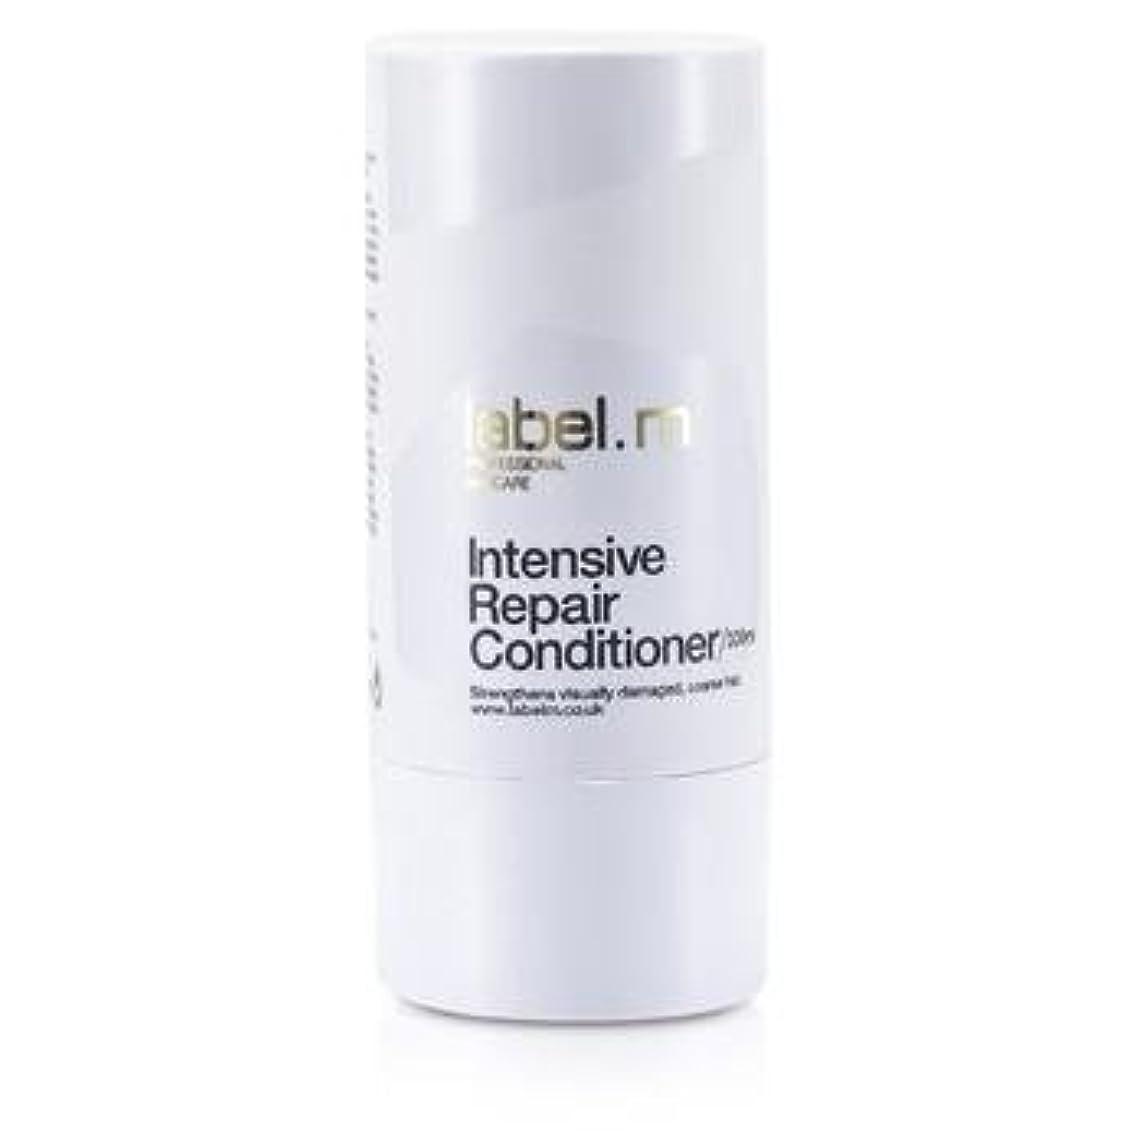 税金ヒットツーリストLabel MIntensive Repair Conditioner (For Visually Damaged, Coarse Hair) 300ml/10.1oz【海外直送品】